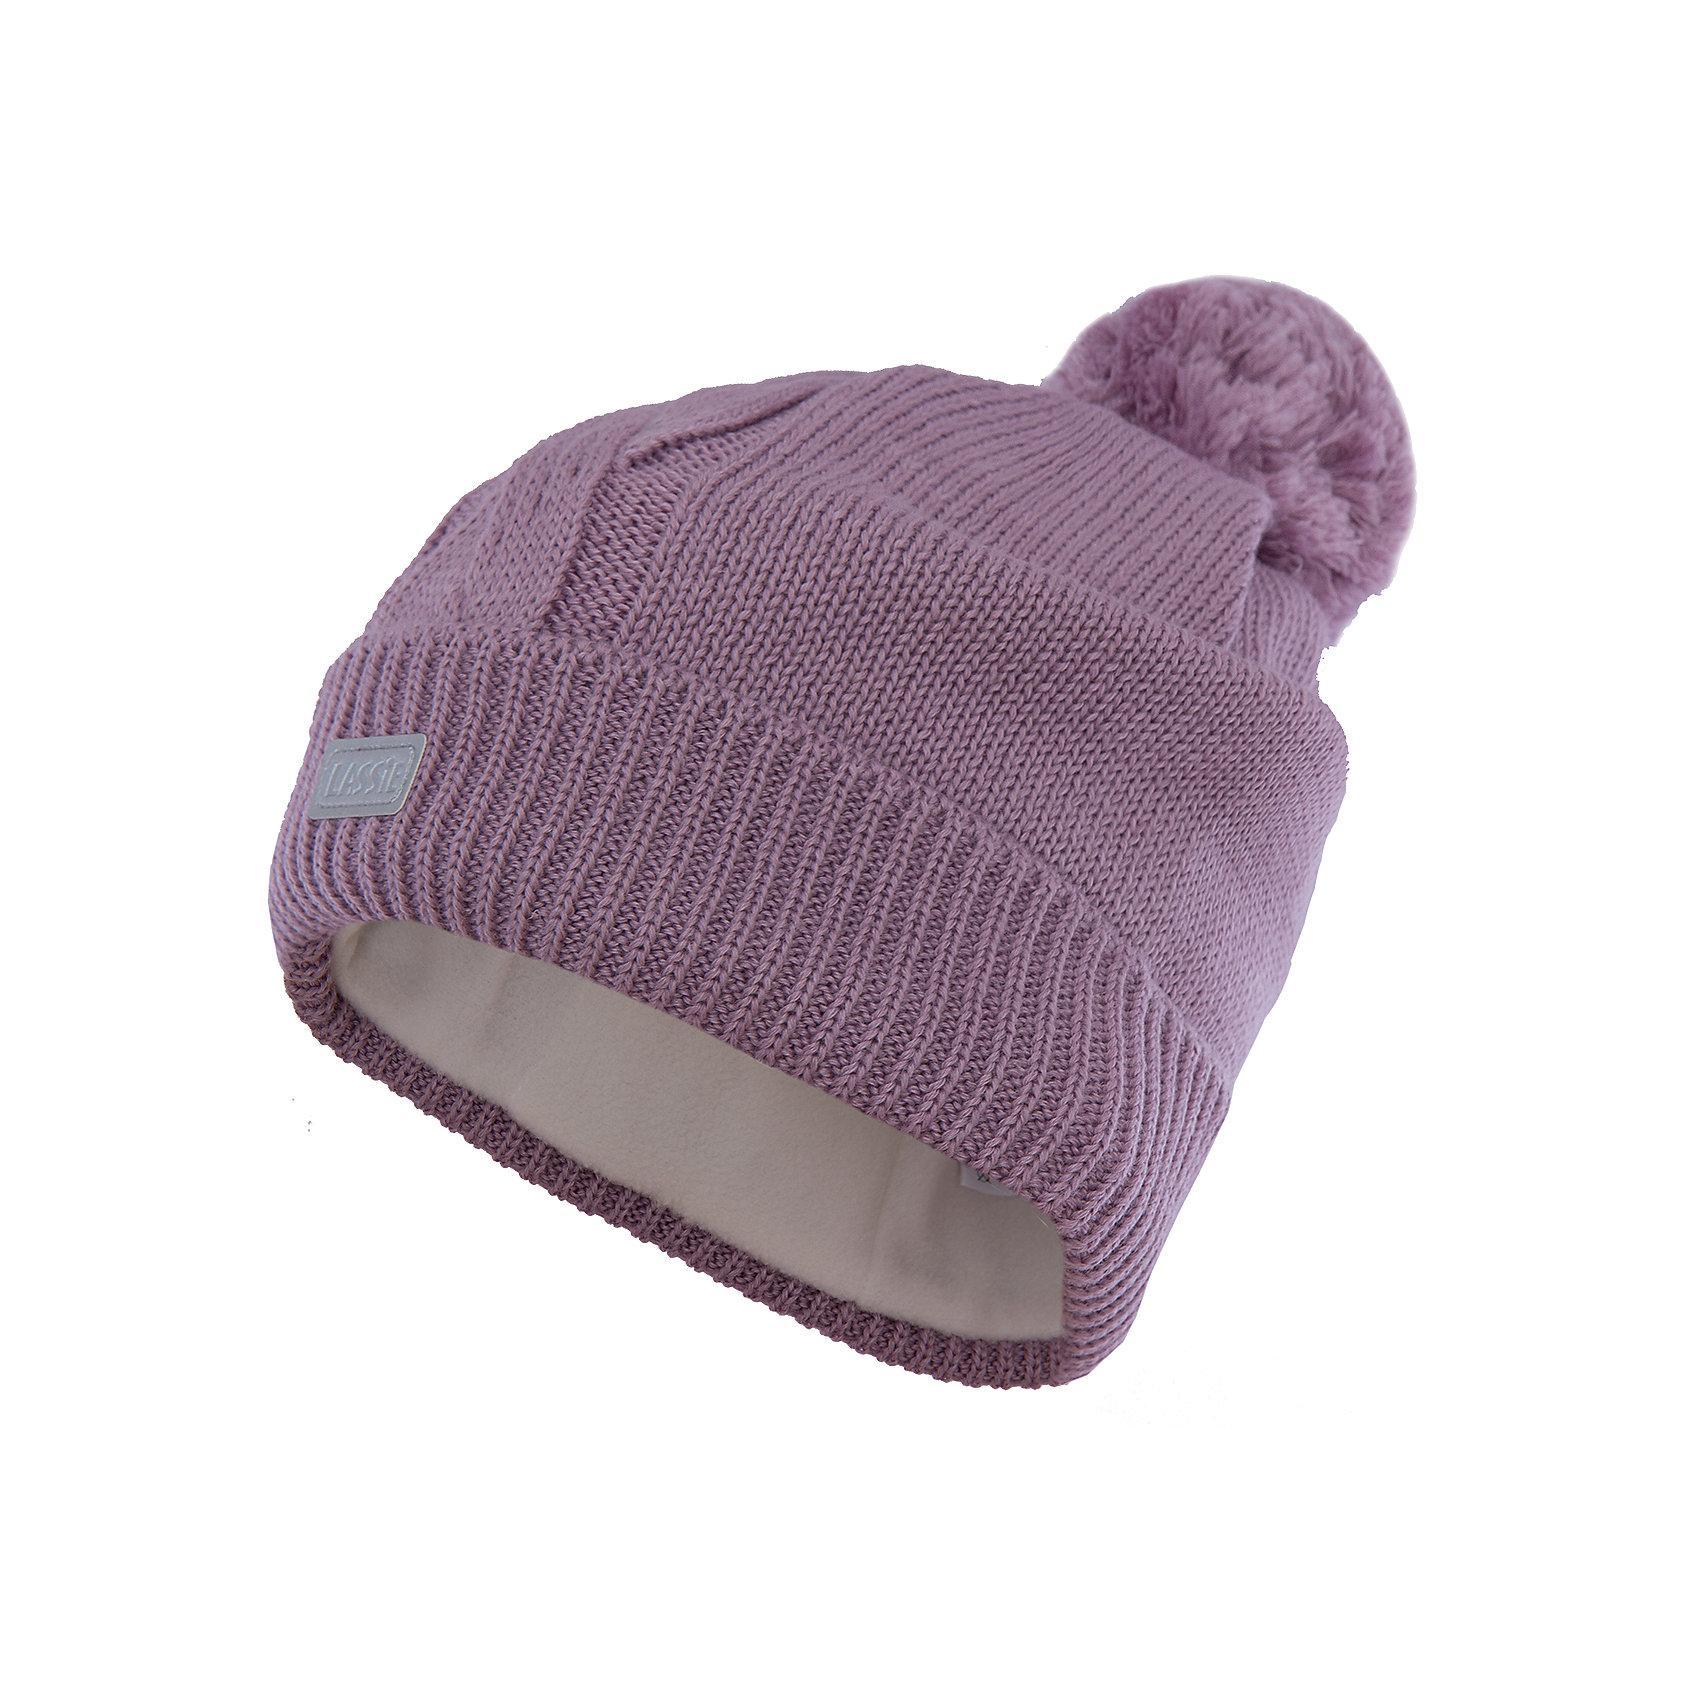 Шапка LASSIEШапки и шарфы<br>Шапка «Бини» для детей известной финской марки.<br><br>- Мягкая и теплая ткань из смеси шерсти.<br><br>- Ветронепроницаемые вставки в области ушей.<br>- Мягкая теплая подкладка из флиса. <br>- Помпон сверху. <br>- Декоративная структура поверхности. <br>- Светоотражающая эмблема Lassie® спереди.  <br><br>Рекомендации по уходу: Придать первоначальную форму вo влажном виде. <br><br>Возможна усадка 5 %.Состав: 50% Шерсть, 50% полиакрил.<br><br>Ширина мм: 89<br>Глубина мм: 117<br>Высота мм: 44<br>Вес г: 155<br>Цвет: фиолетовый<br>Возраст от месяцев: 12<br>Возраст до месяцев: 24<br>Пол: Женский<br>Возраст: Детский<br>Размер: 46-48,54-56,50-52<br>SKU: 4780685